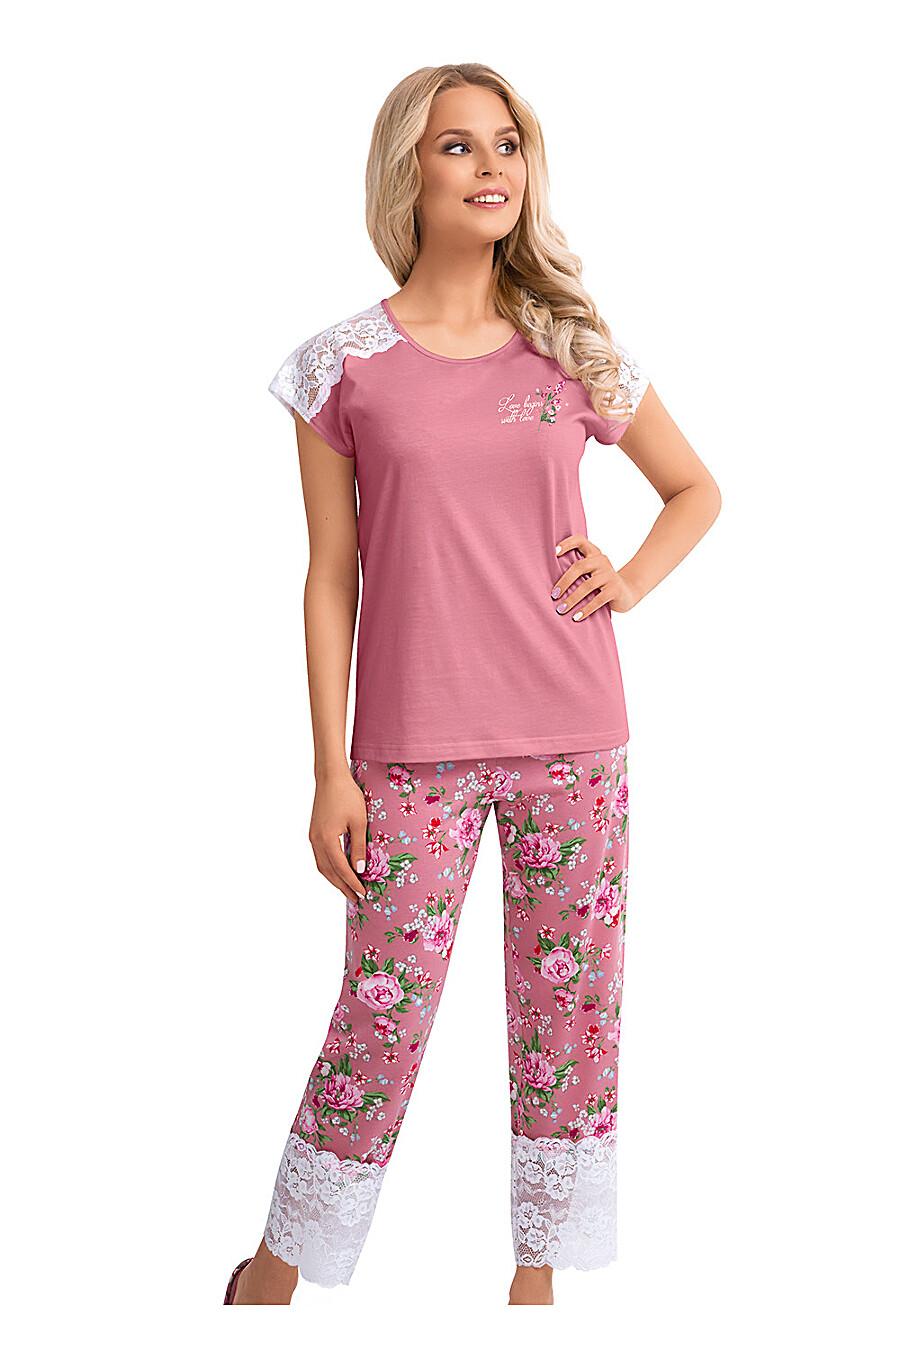 Комплект для женщин CLEVER 155456 купить оптом от производителя. Совместная покупка женской одежды в OptMoyo